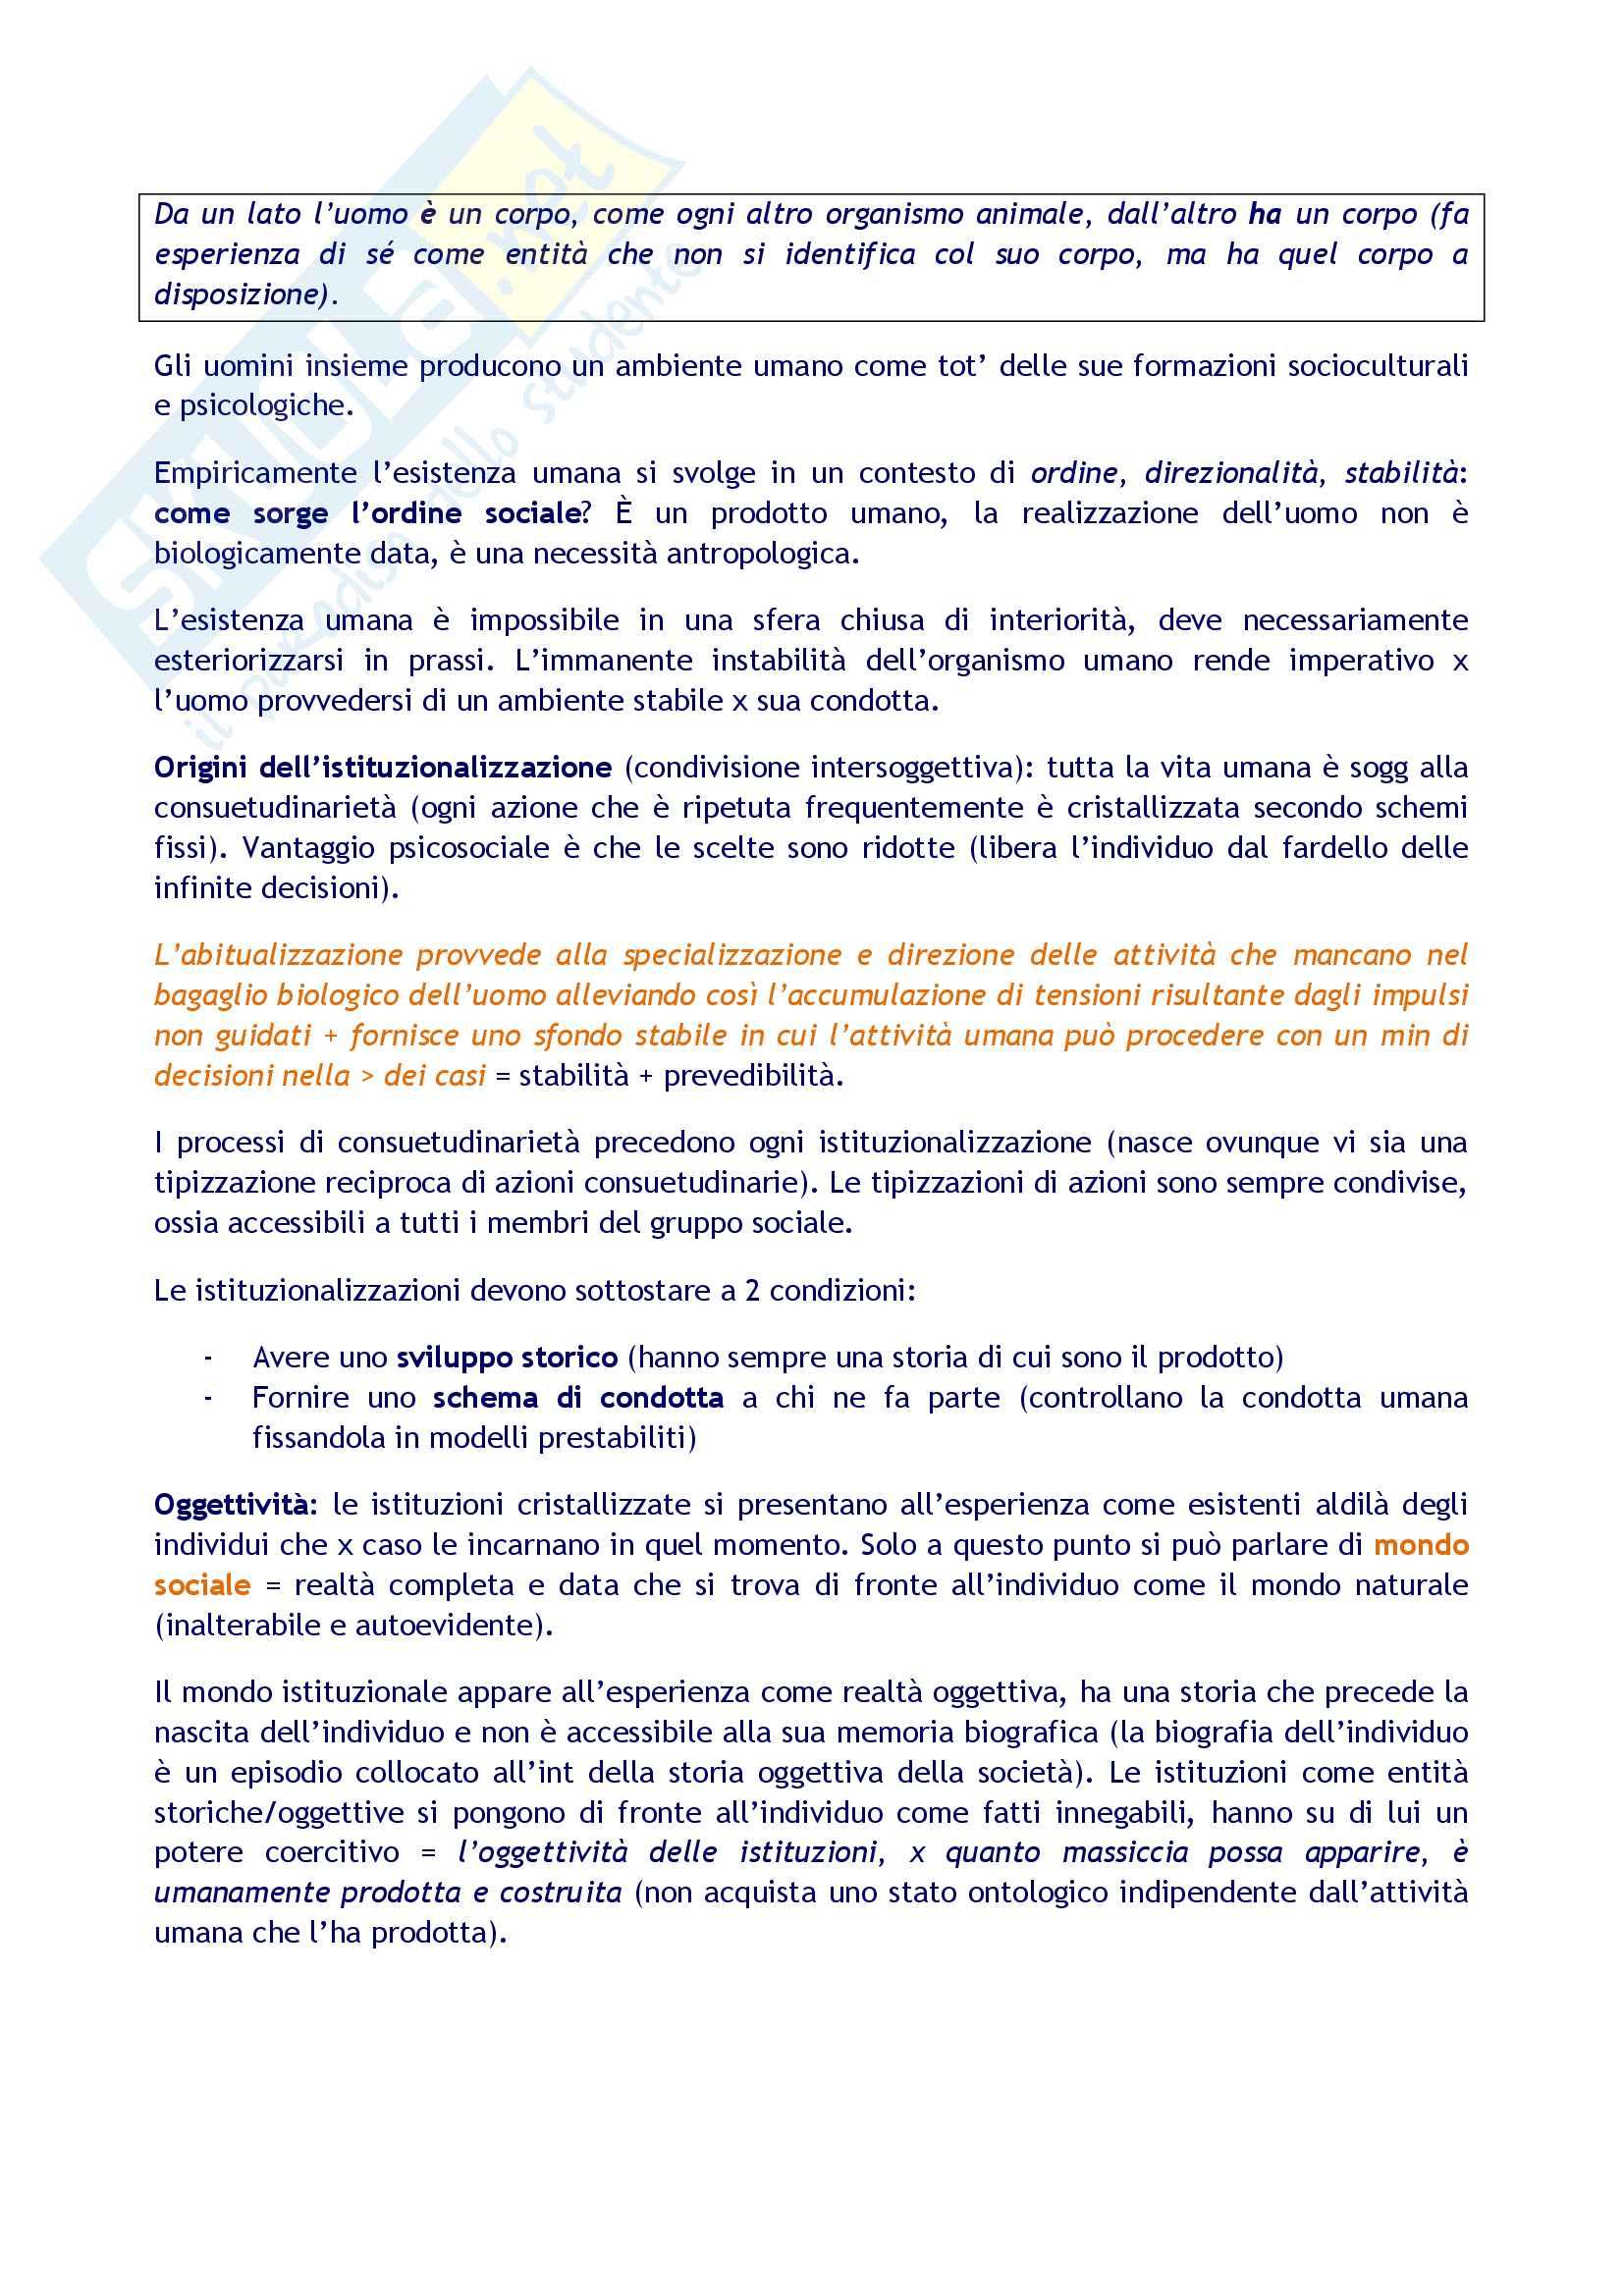 Sunto per l'esame di Sociologia della conoscenza, prof. Borgna. Libro consigliato La realtà come costruzione sociale, di Berger , Luckmann Pag. 6